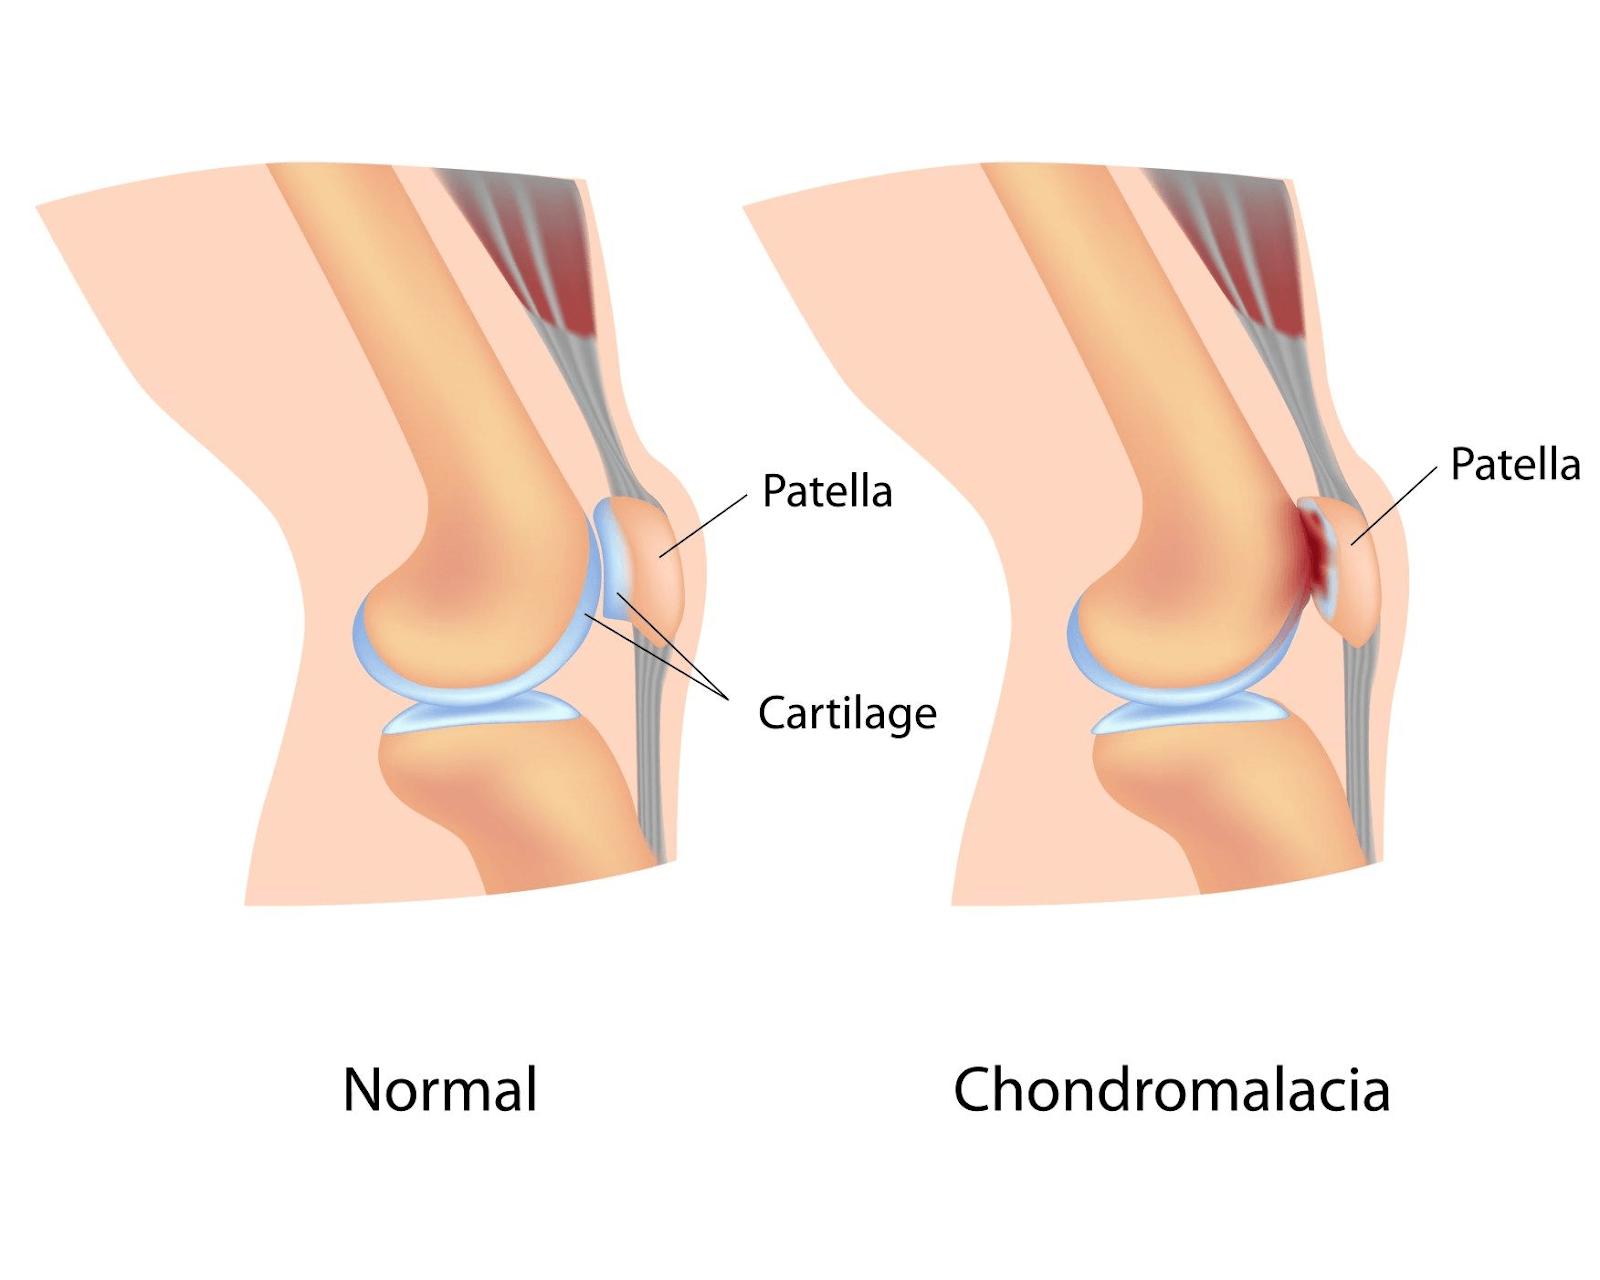 Condromalácia patelar: Quais são os sintomas de desgaste da cartilagem do joelho?